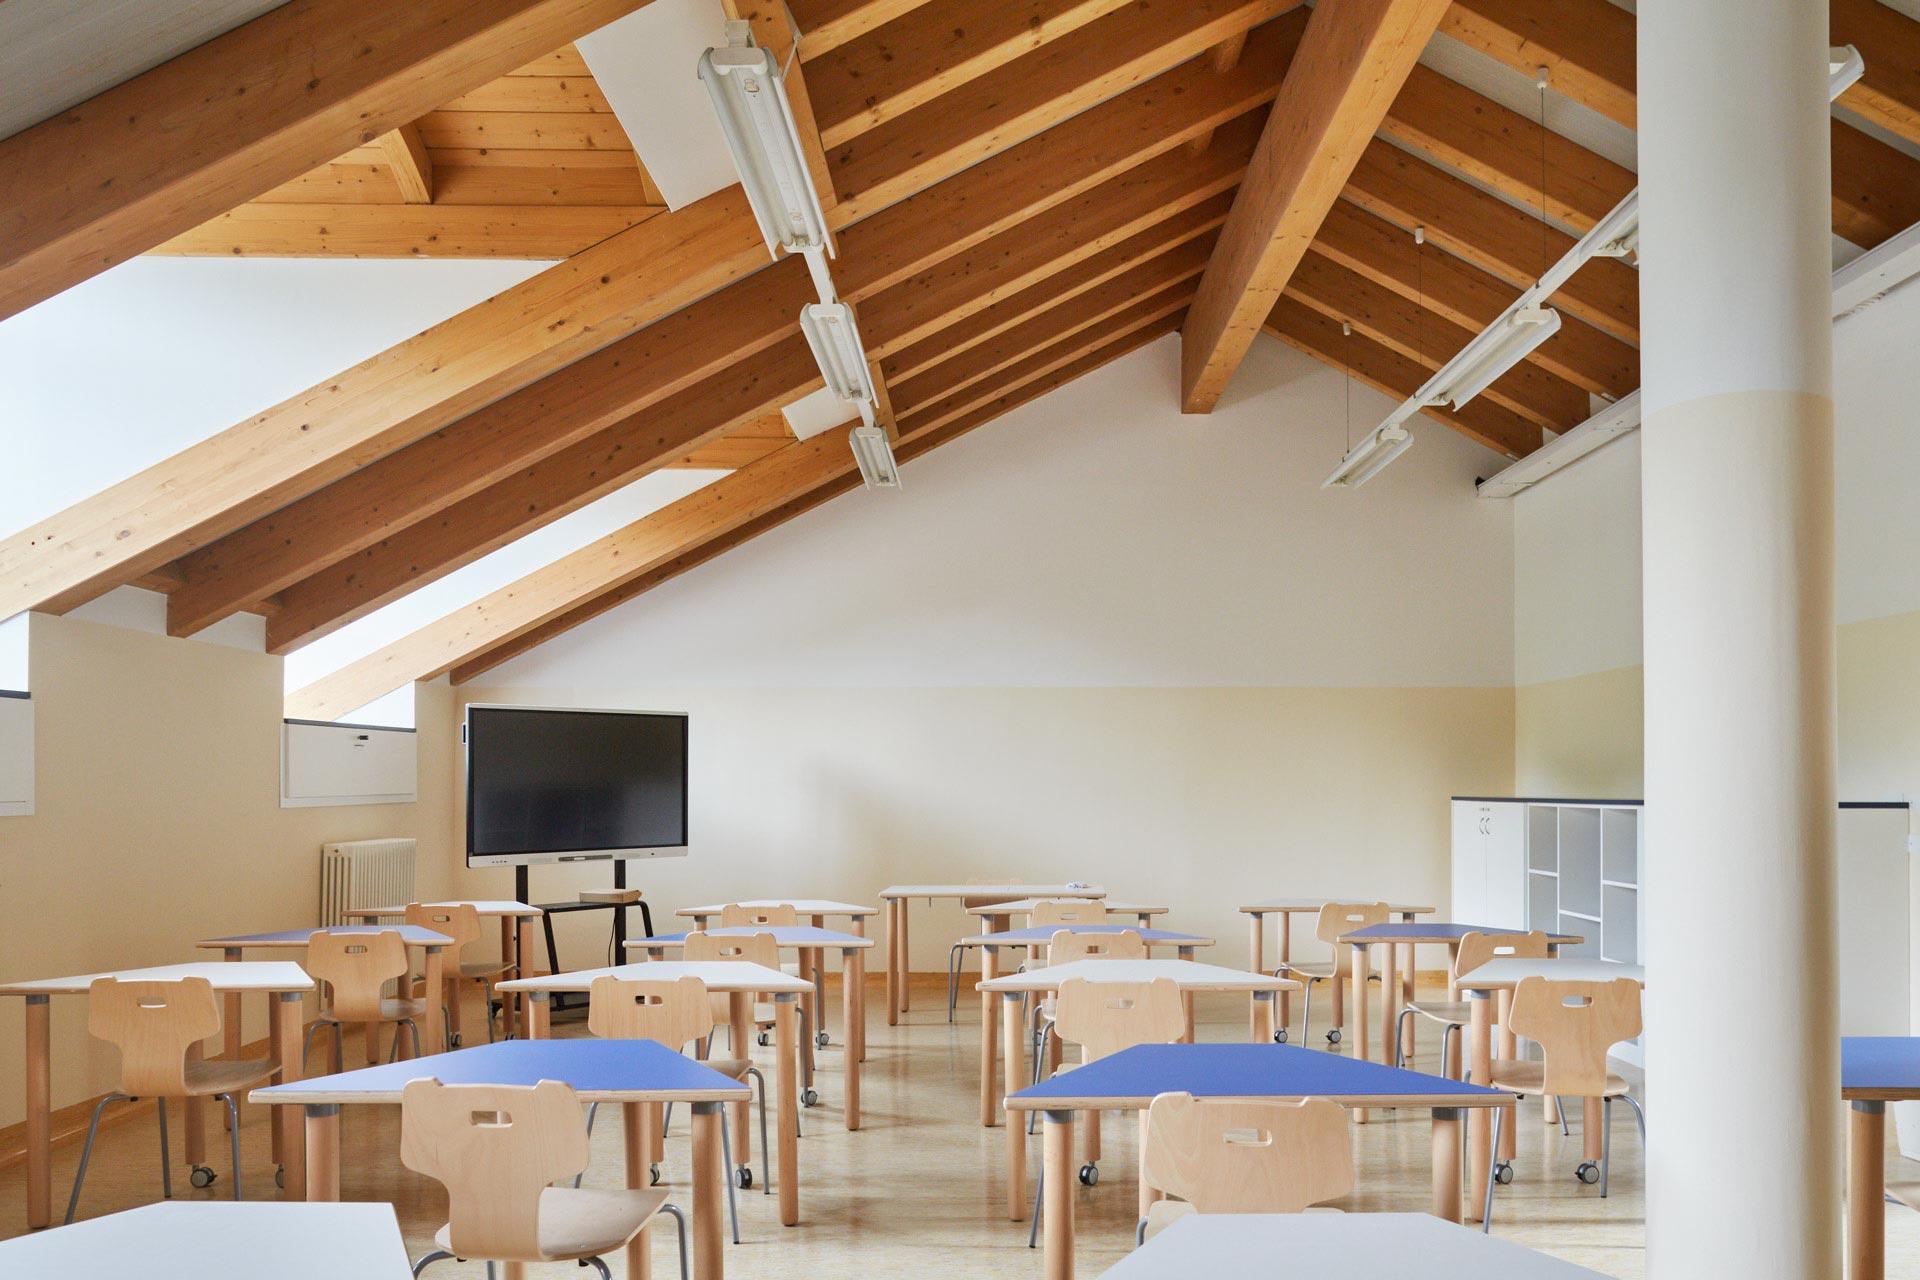 Scuola Secondaria di I grado del Collegio Villoresi: gli spazi